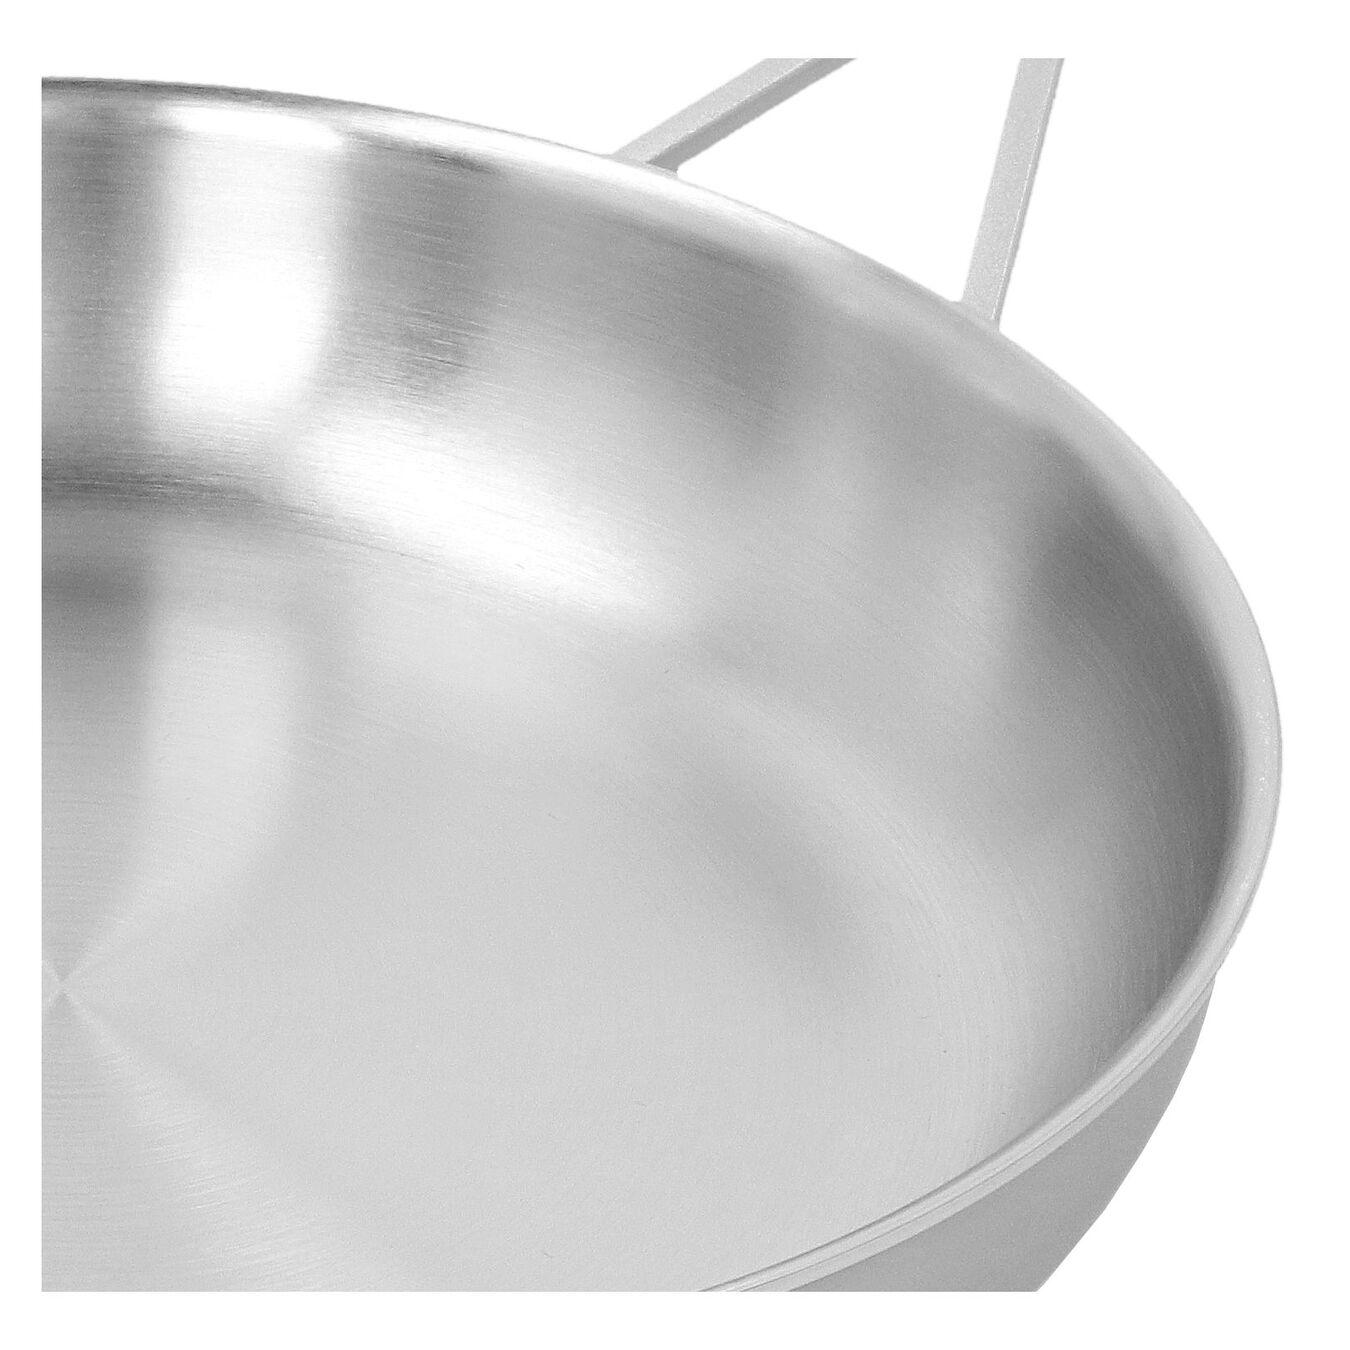 Padella - 28 cm, 18/10 acciaio inossidabile,,large 4